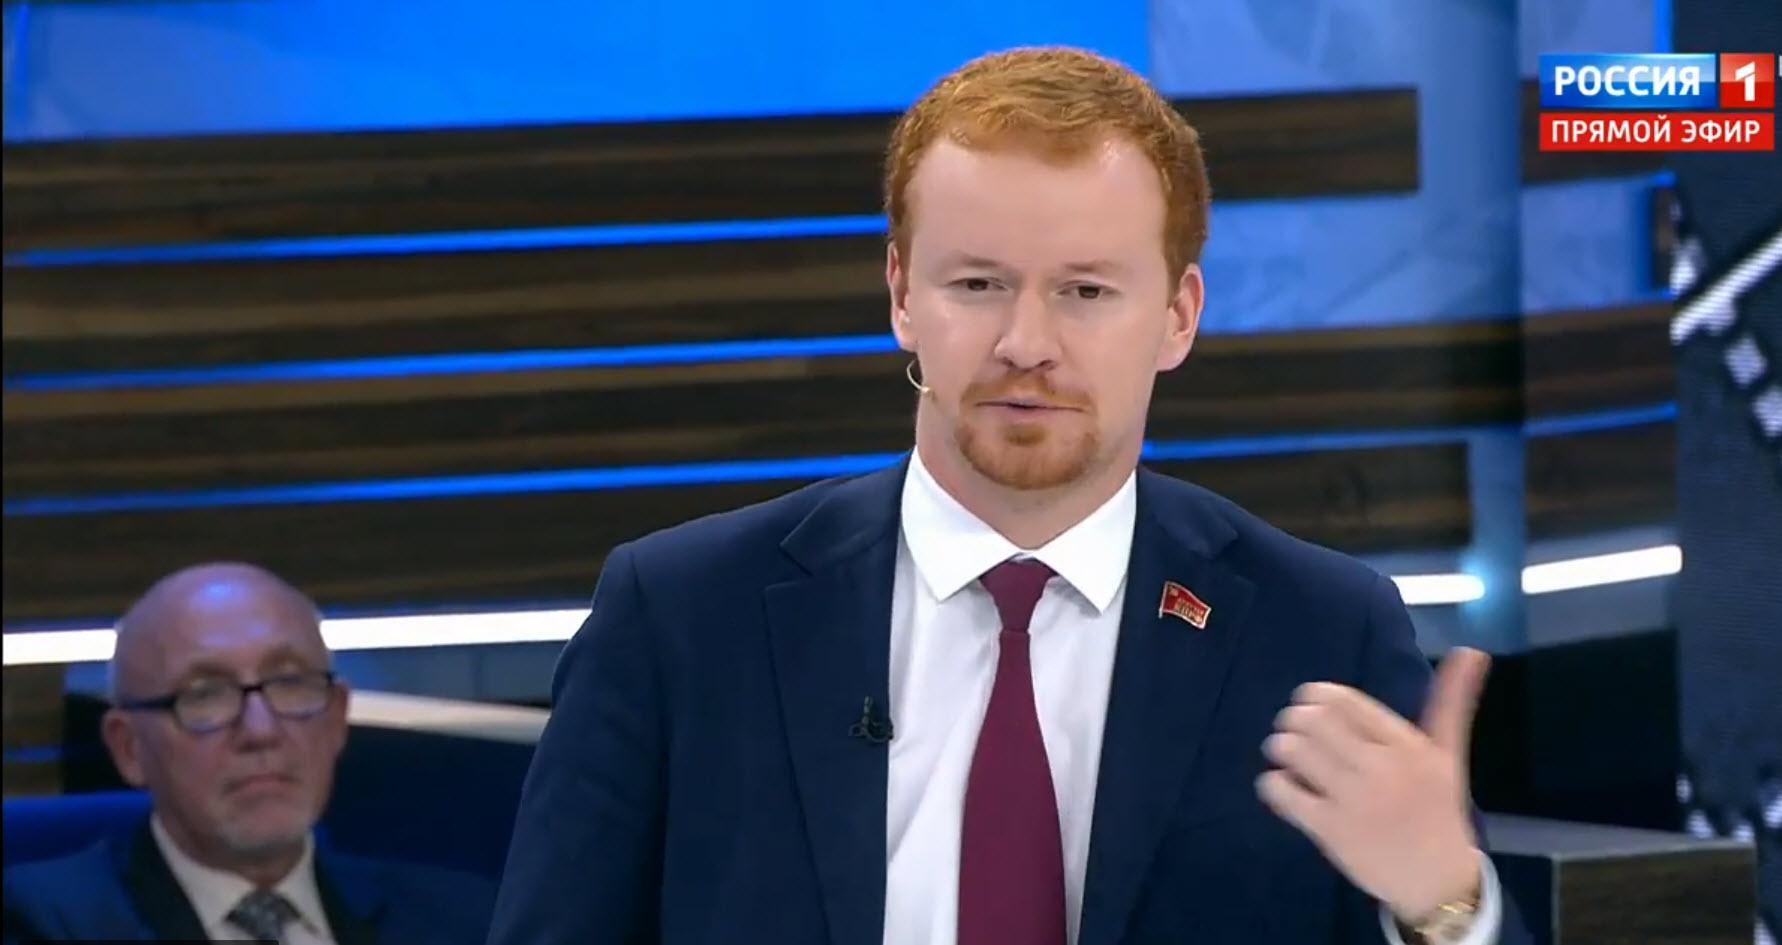 Денис Парфенов. 60 минут. Россия 1